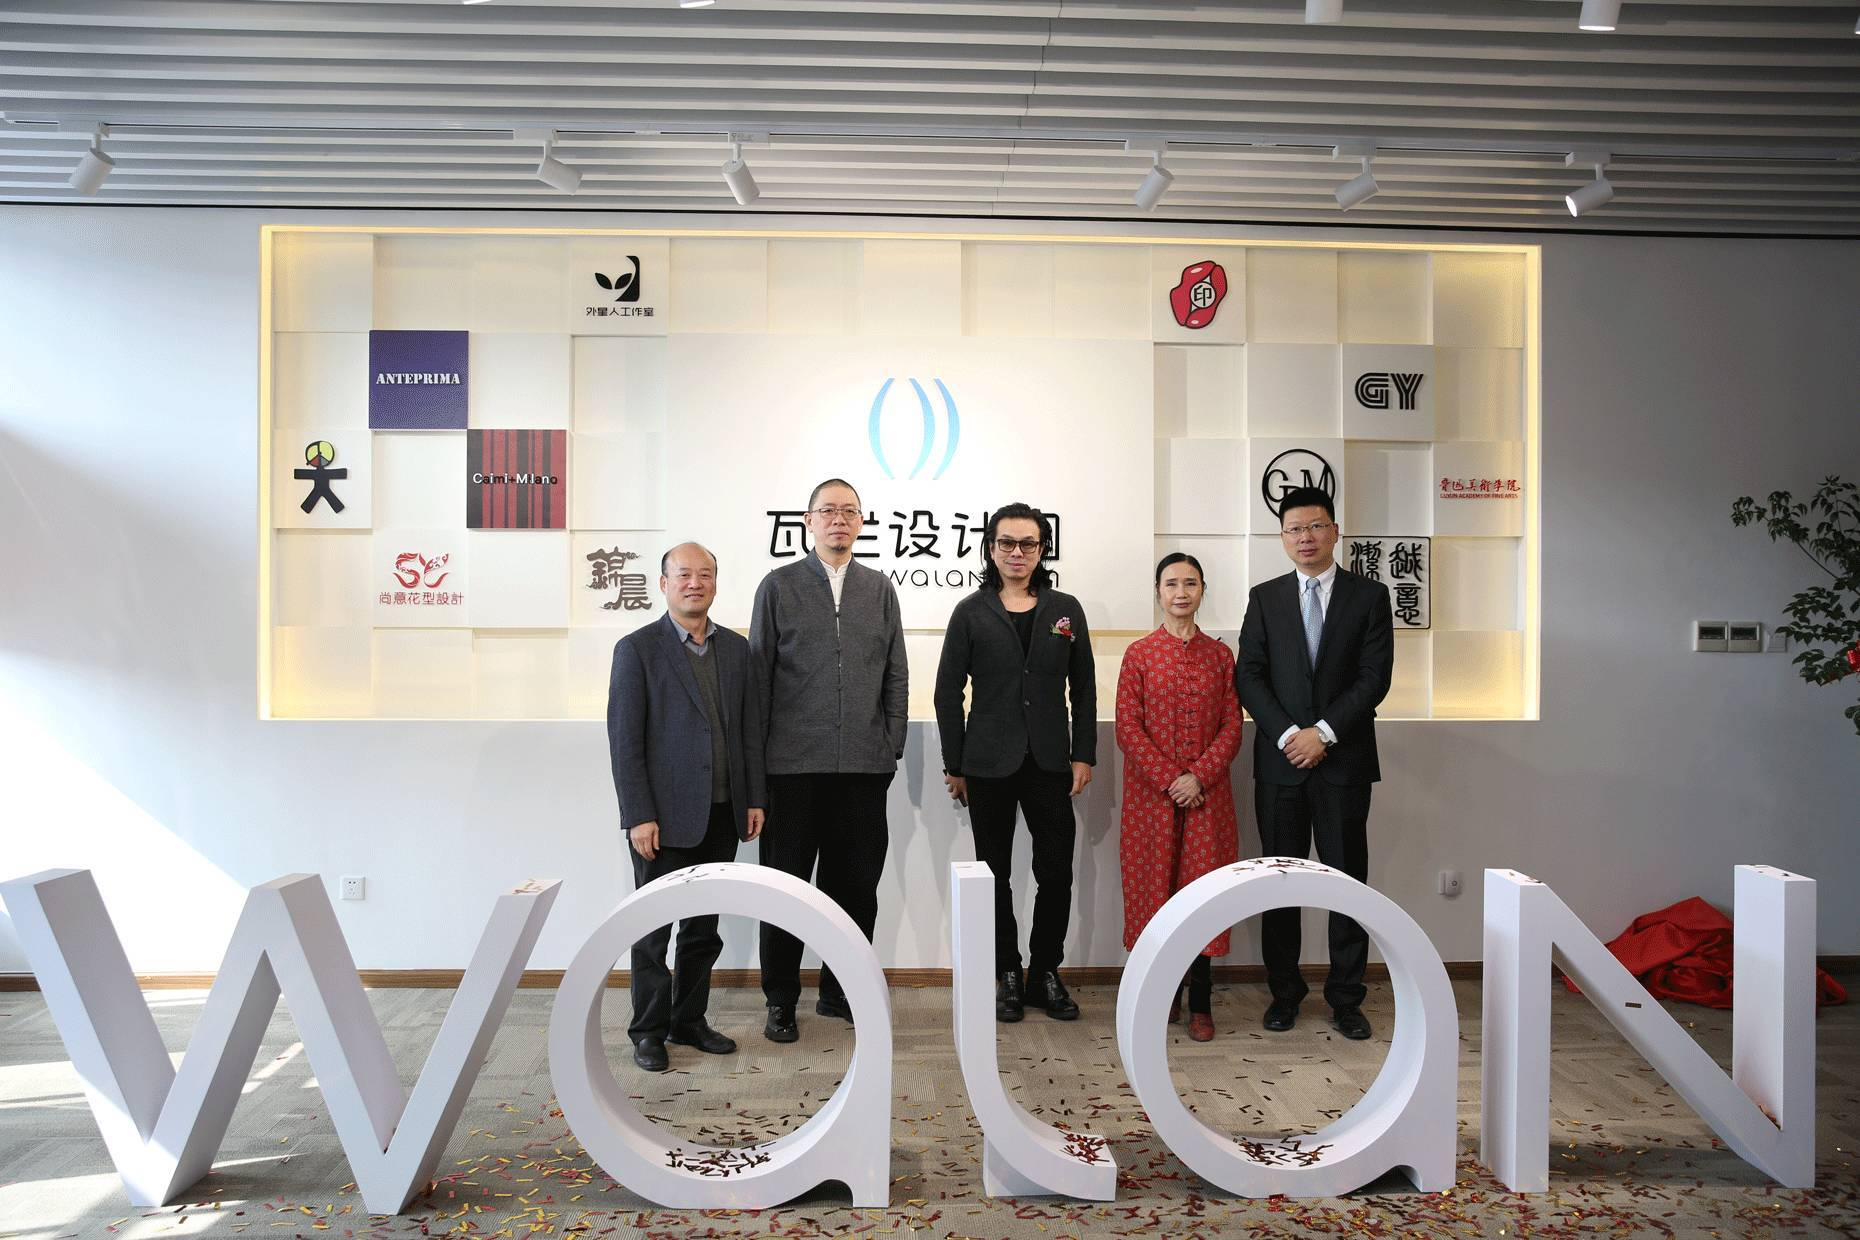 面料设计.[置顶]中国十大服装设计师 - 纺织品信息网 - 豆丁网